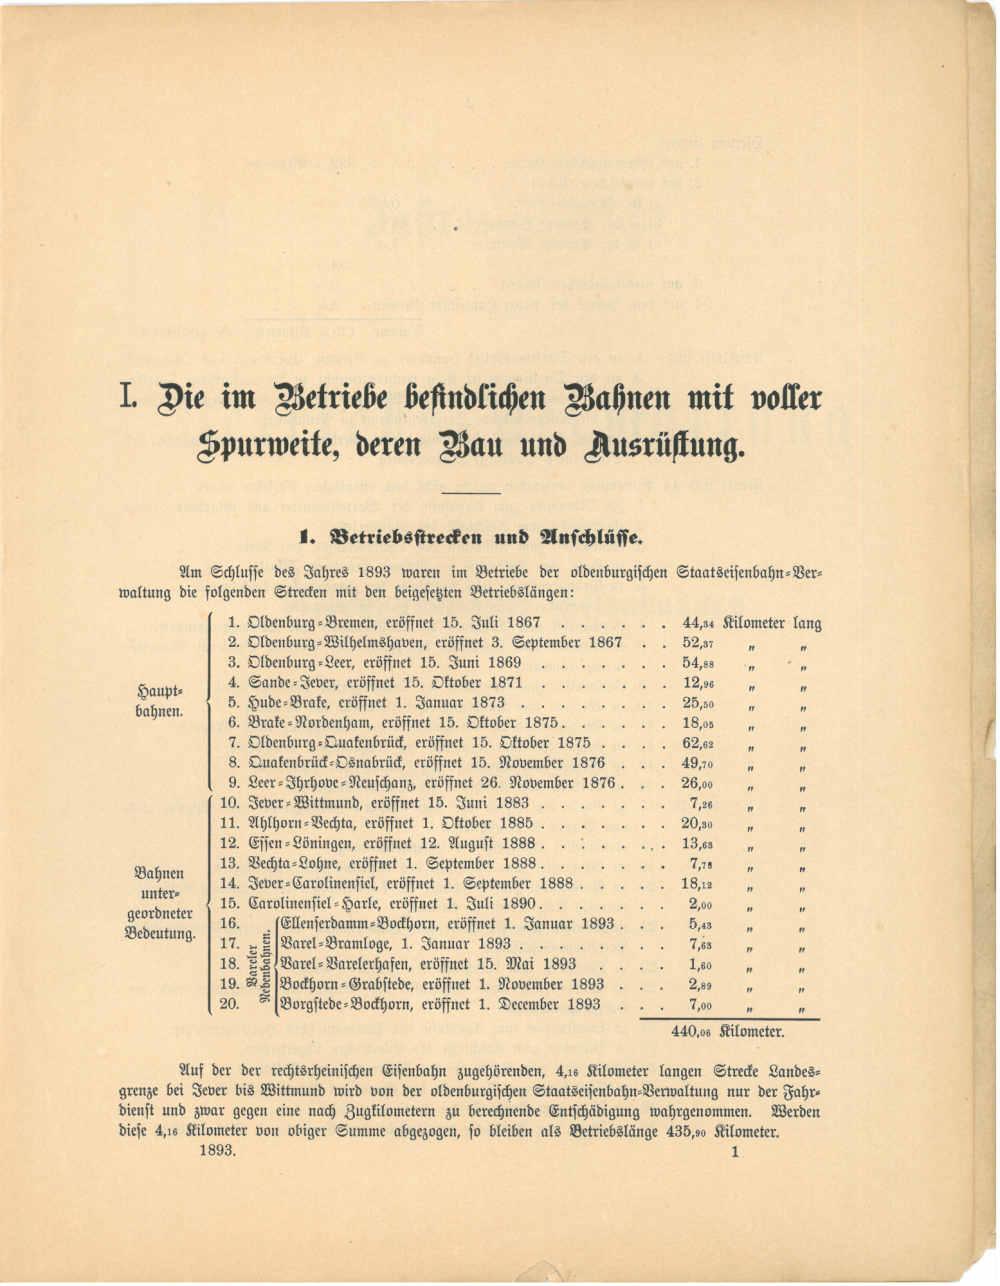 1893 - Jahresbericht Seite 1, Übersicht über die oldenburgischen Strecken